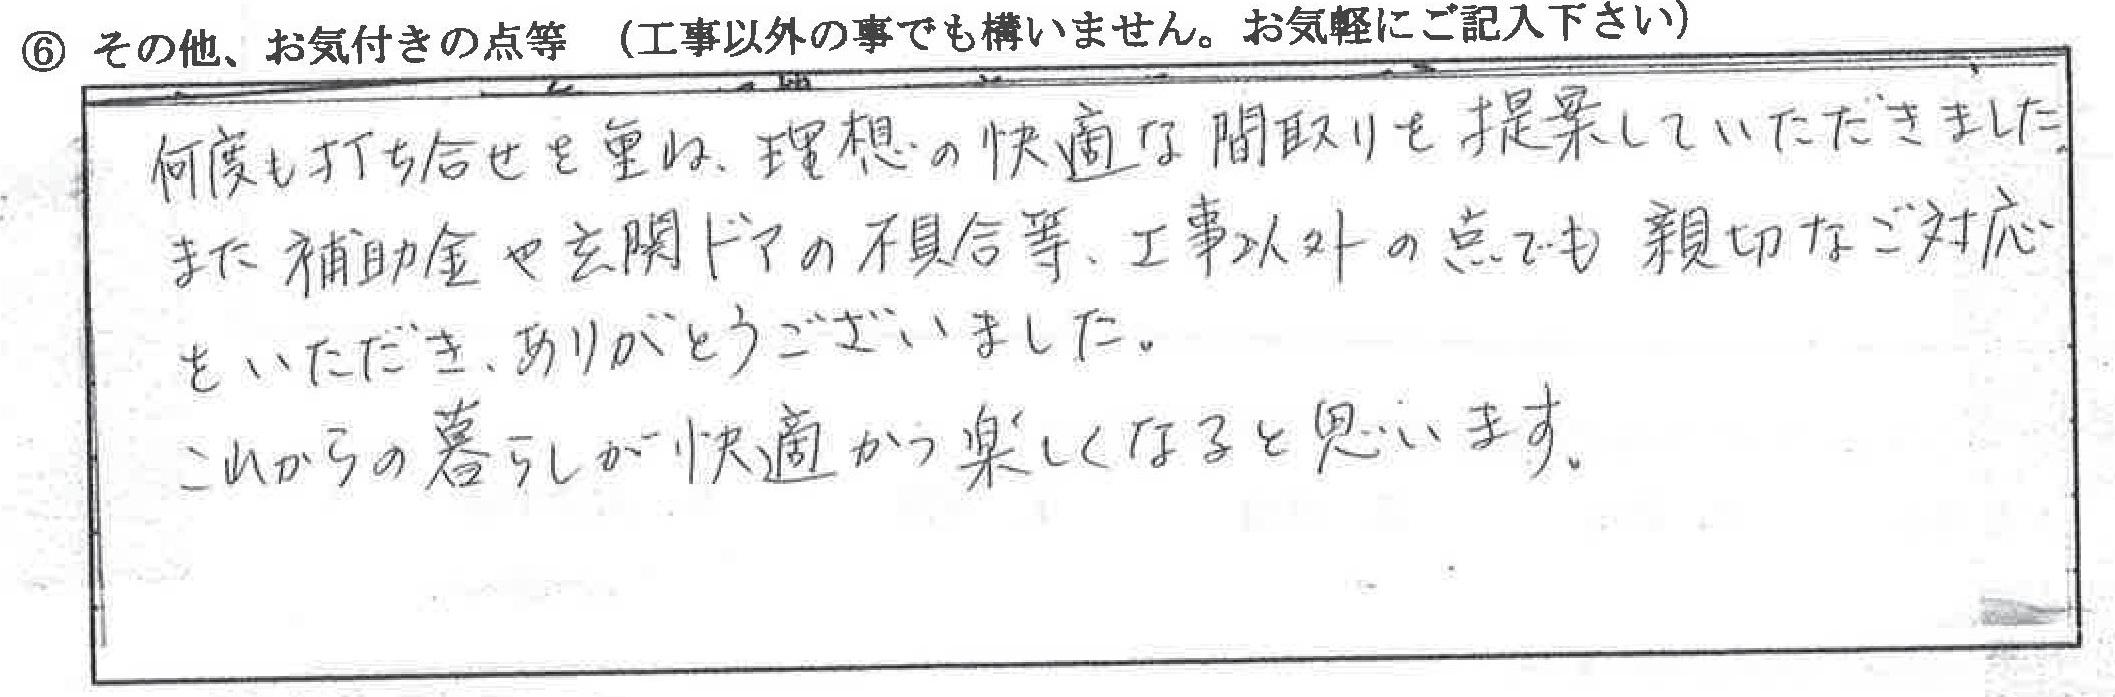 富山県富山市S様に頂いた水廻り改修 外壁補修工事についてのお気づきの点がありましたら、お聞かせ下さい。というご質問について「水廻り改装、外壁補修【お喜びの声】」というお声についての画像